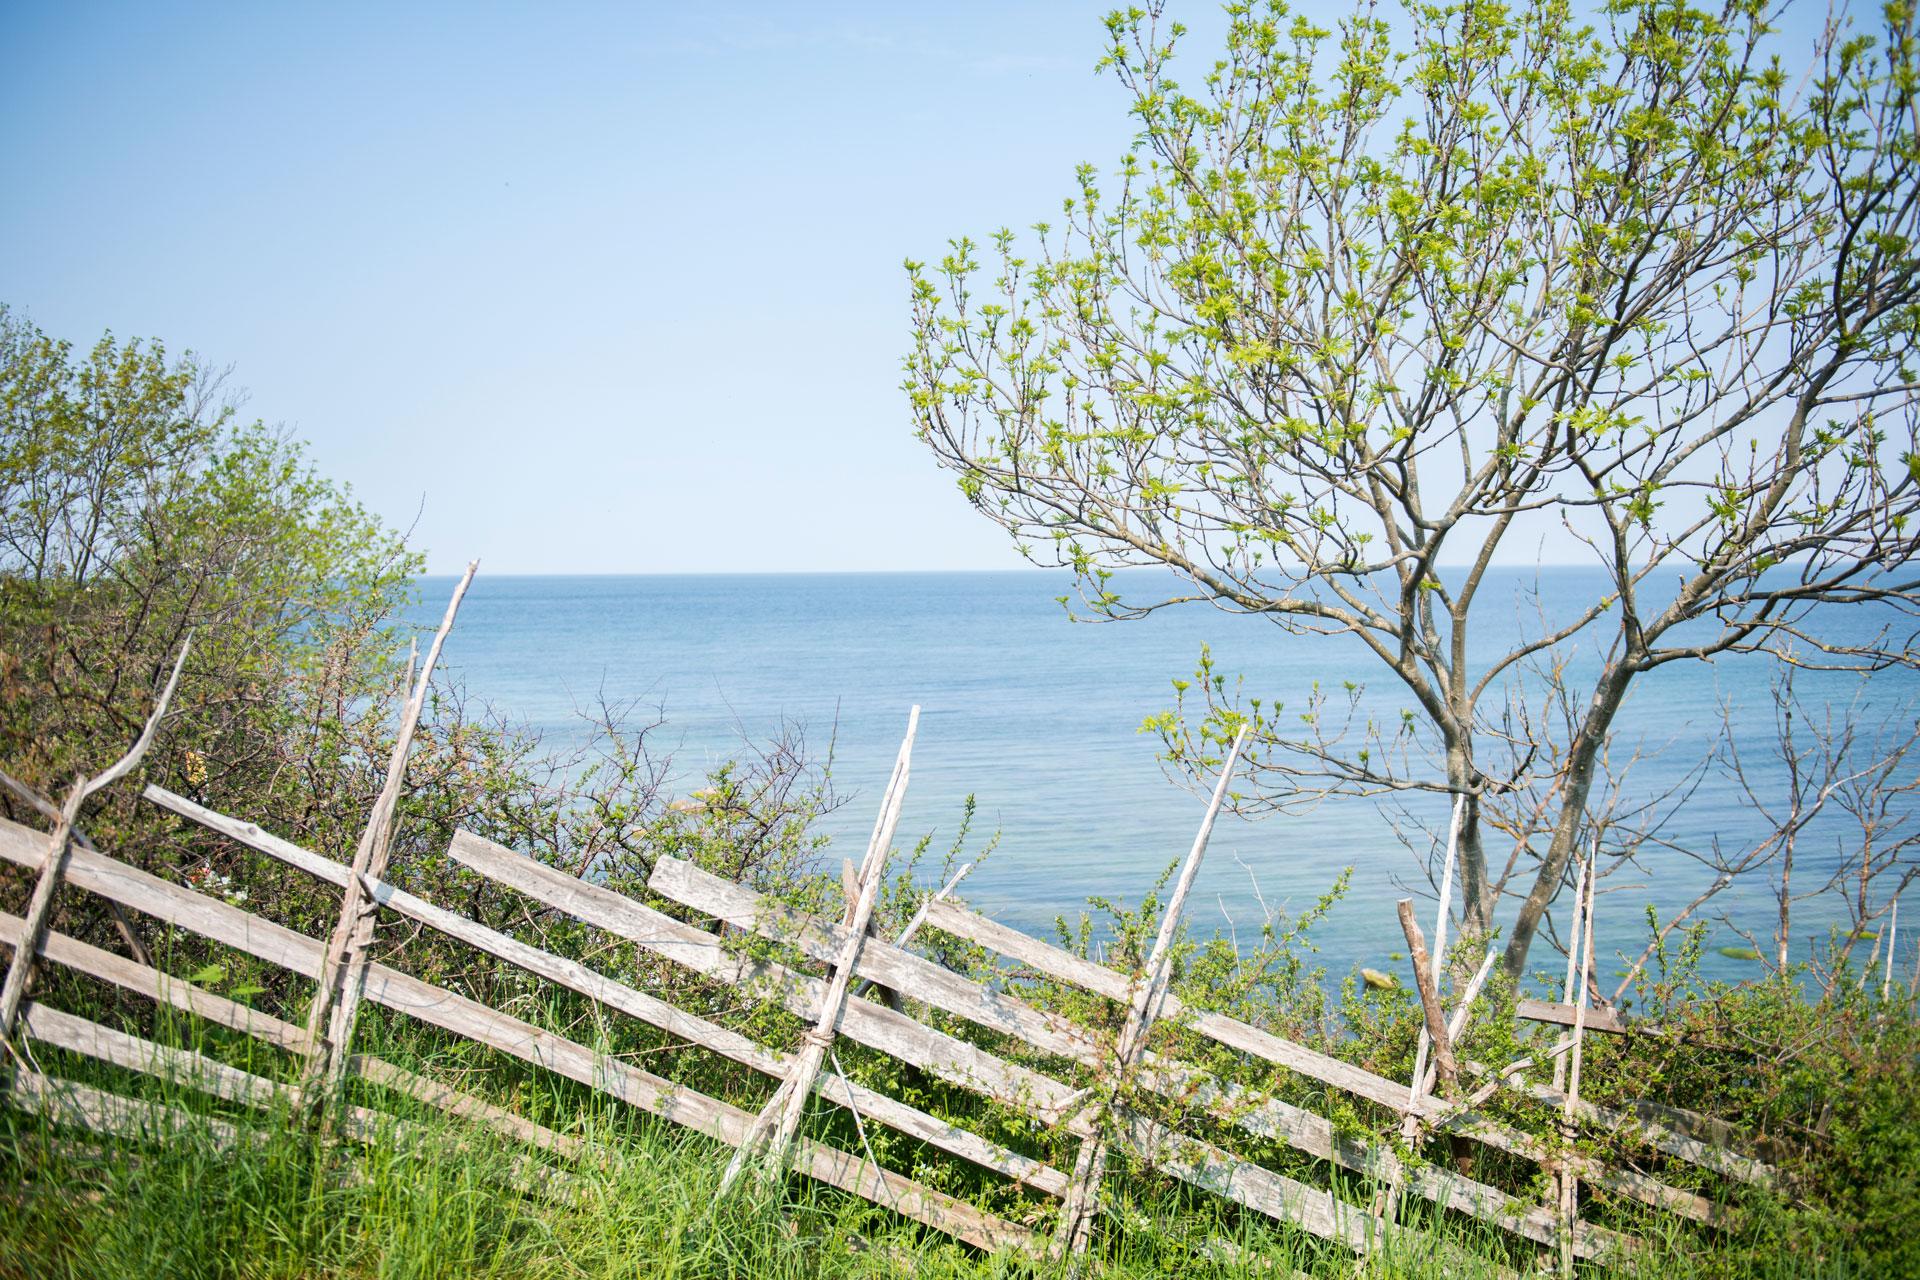 Utsikt från fiskestuga premium, Kneippbyns bed and breakfast Gotland